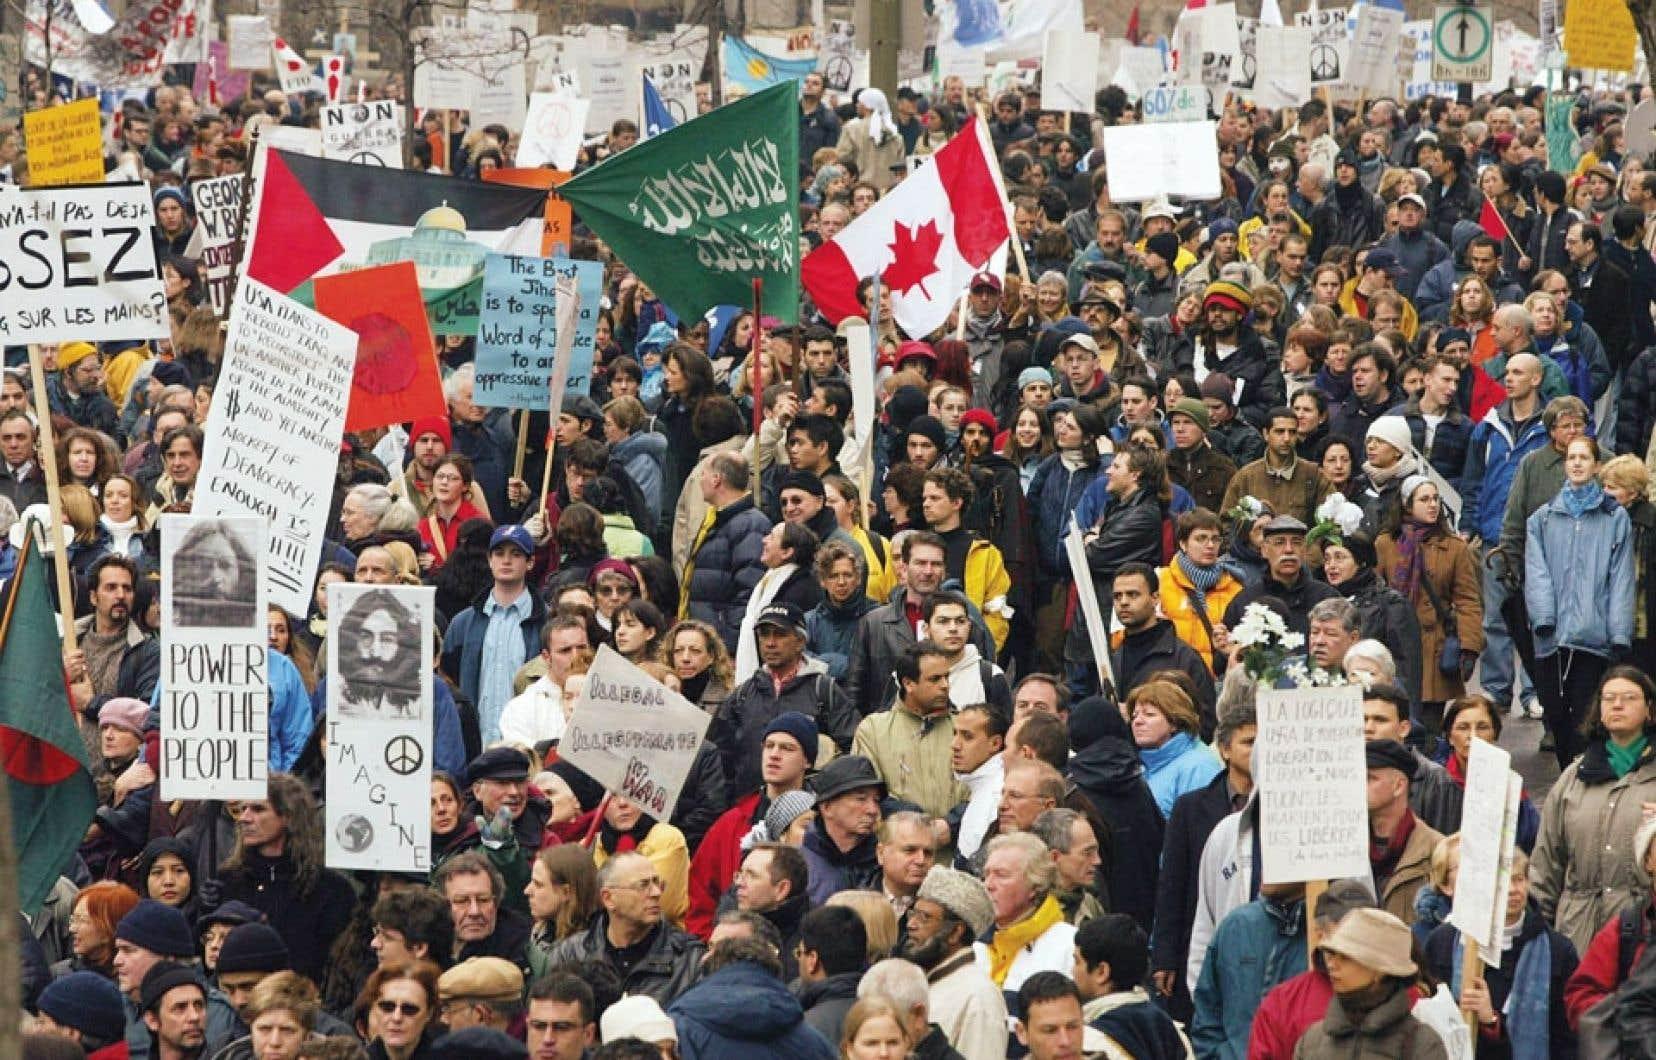 Dix ans plus tard, nous ne pouvons croire que la décision de Jean Chrétien ait été sans lien avec la formidable mobilisation populaire contre la guerre. Or, c'est au Québec que cette opposition s'exprimait le plus fortement en Amérique du Nord, avec des manifestations à répétition qui amenaient simultanément dans les rues plus de 200 000 personnes à Montréal.